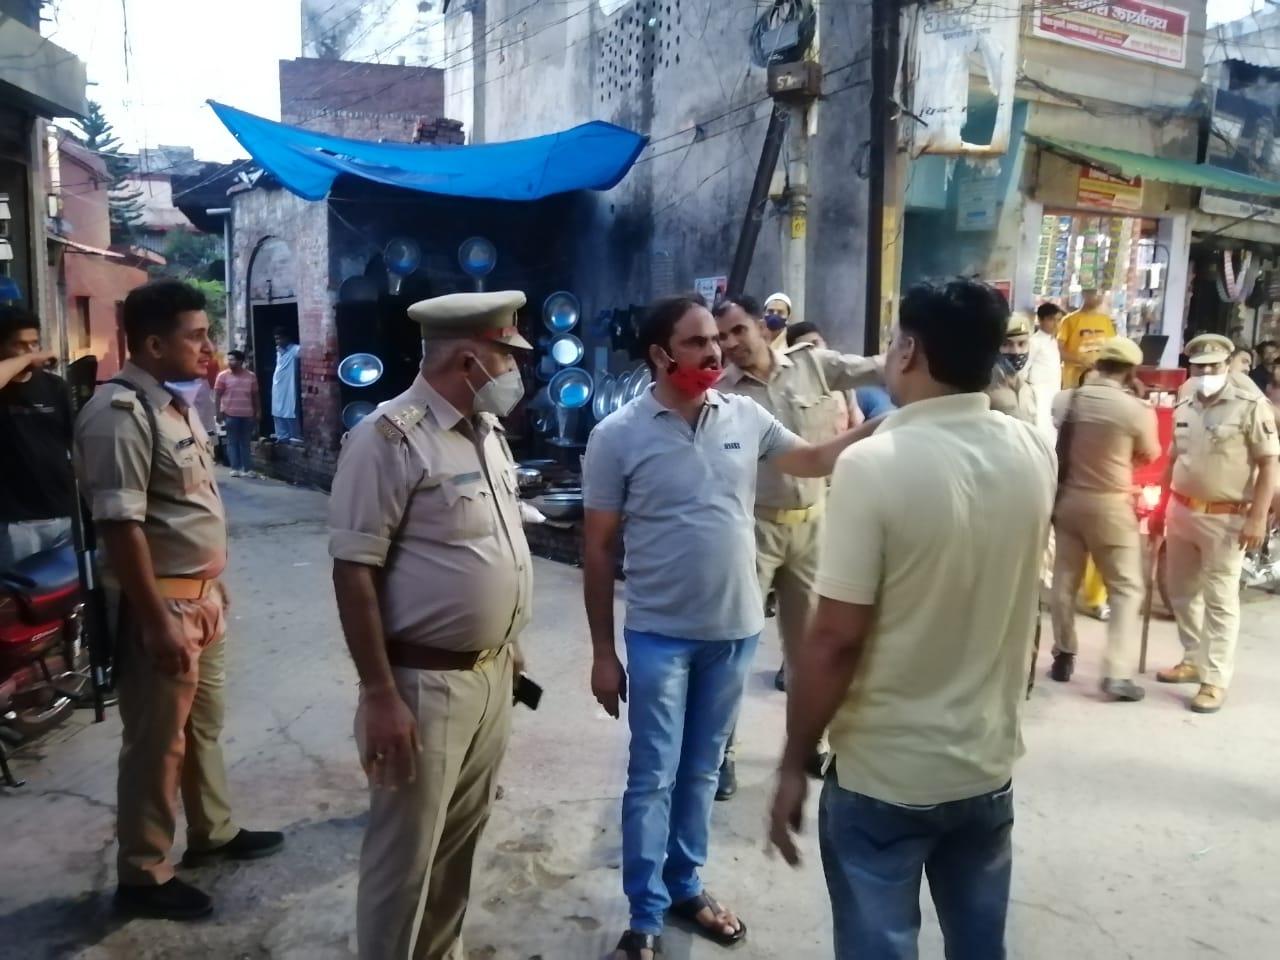 बिजनौर के सपा उपाध्यक्ष खुर्शीद  मंसूरी ने व्यापारियों की समस्याओं के निस्तारण को लेकर उपजिलाधिकारी से की मुलाक़ात